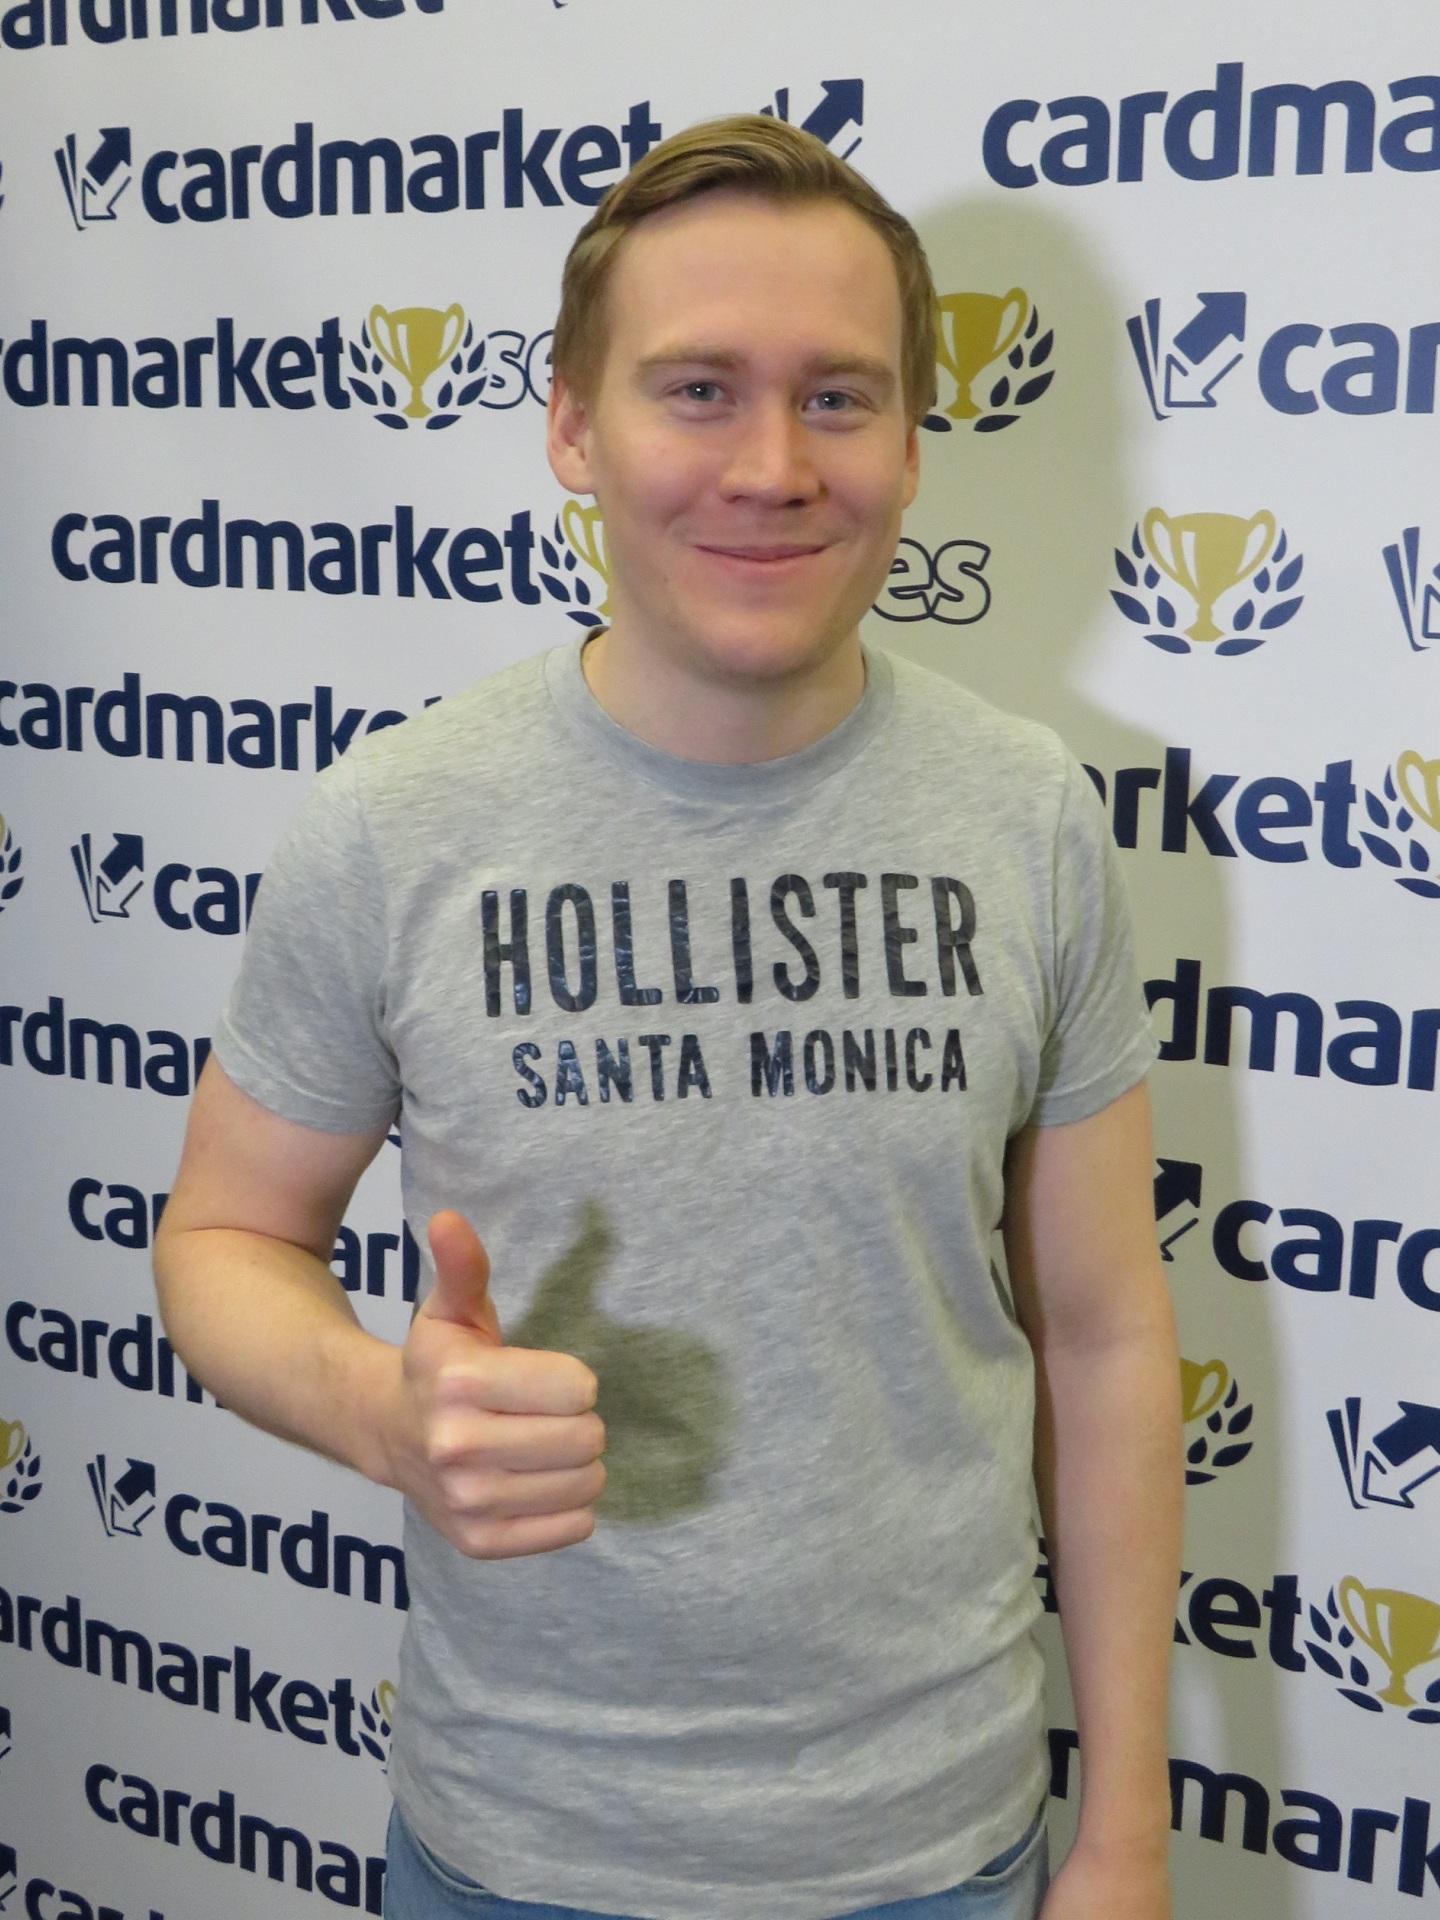 Gustaf Ehlersson